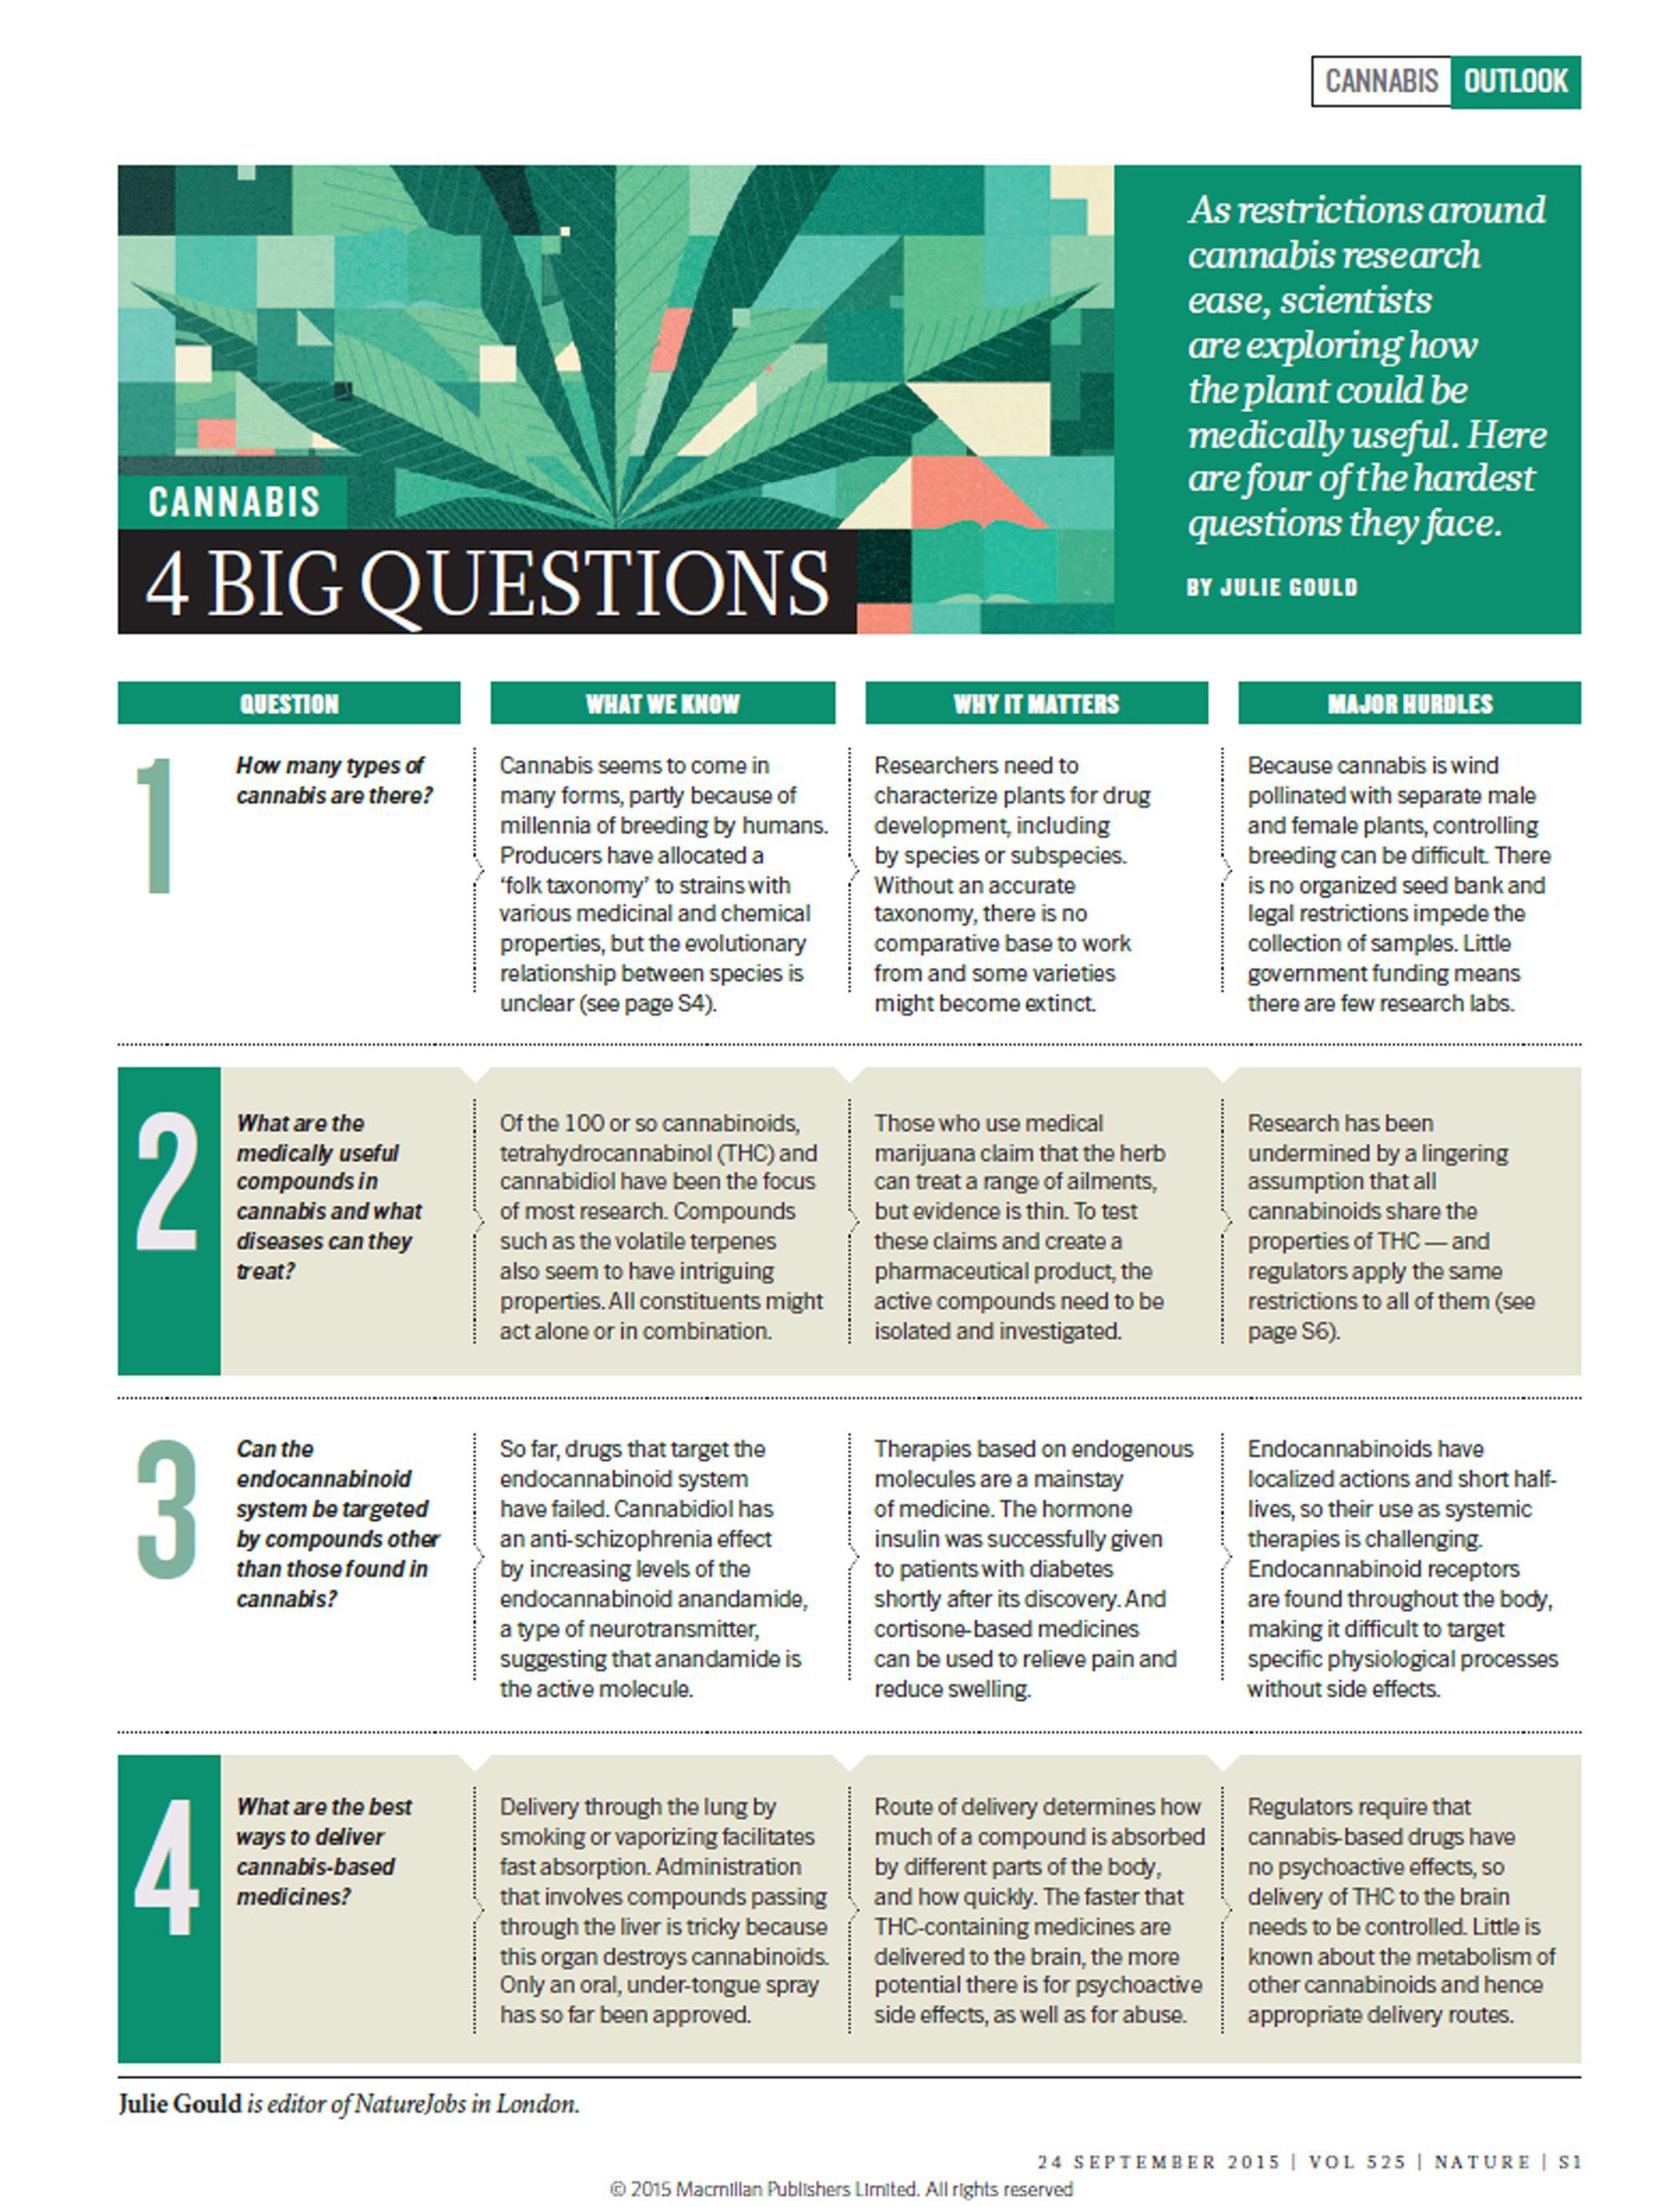 Cannabis: 4 big questions | Nature